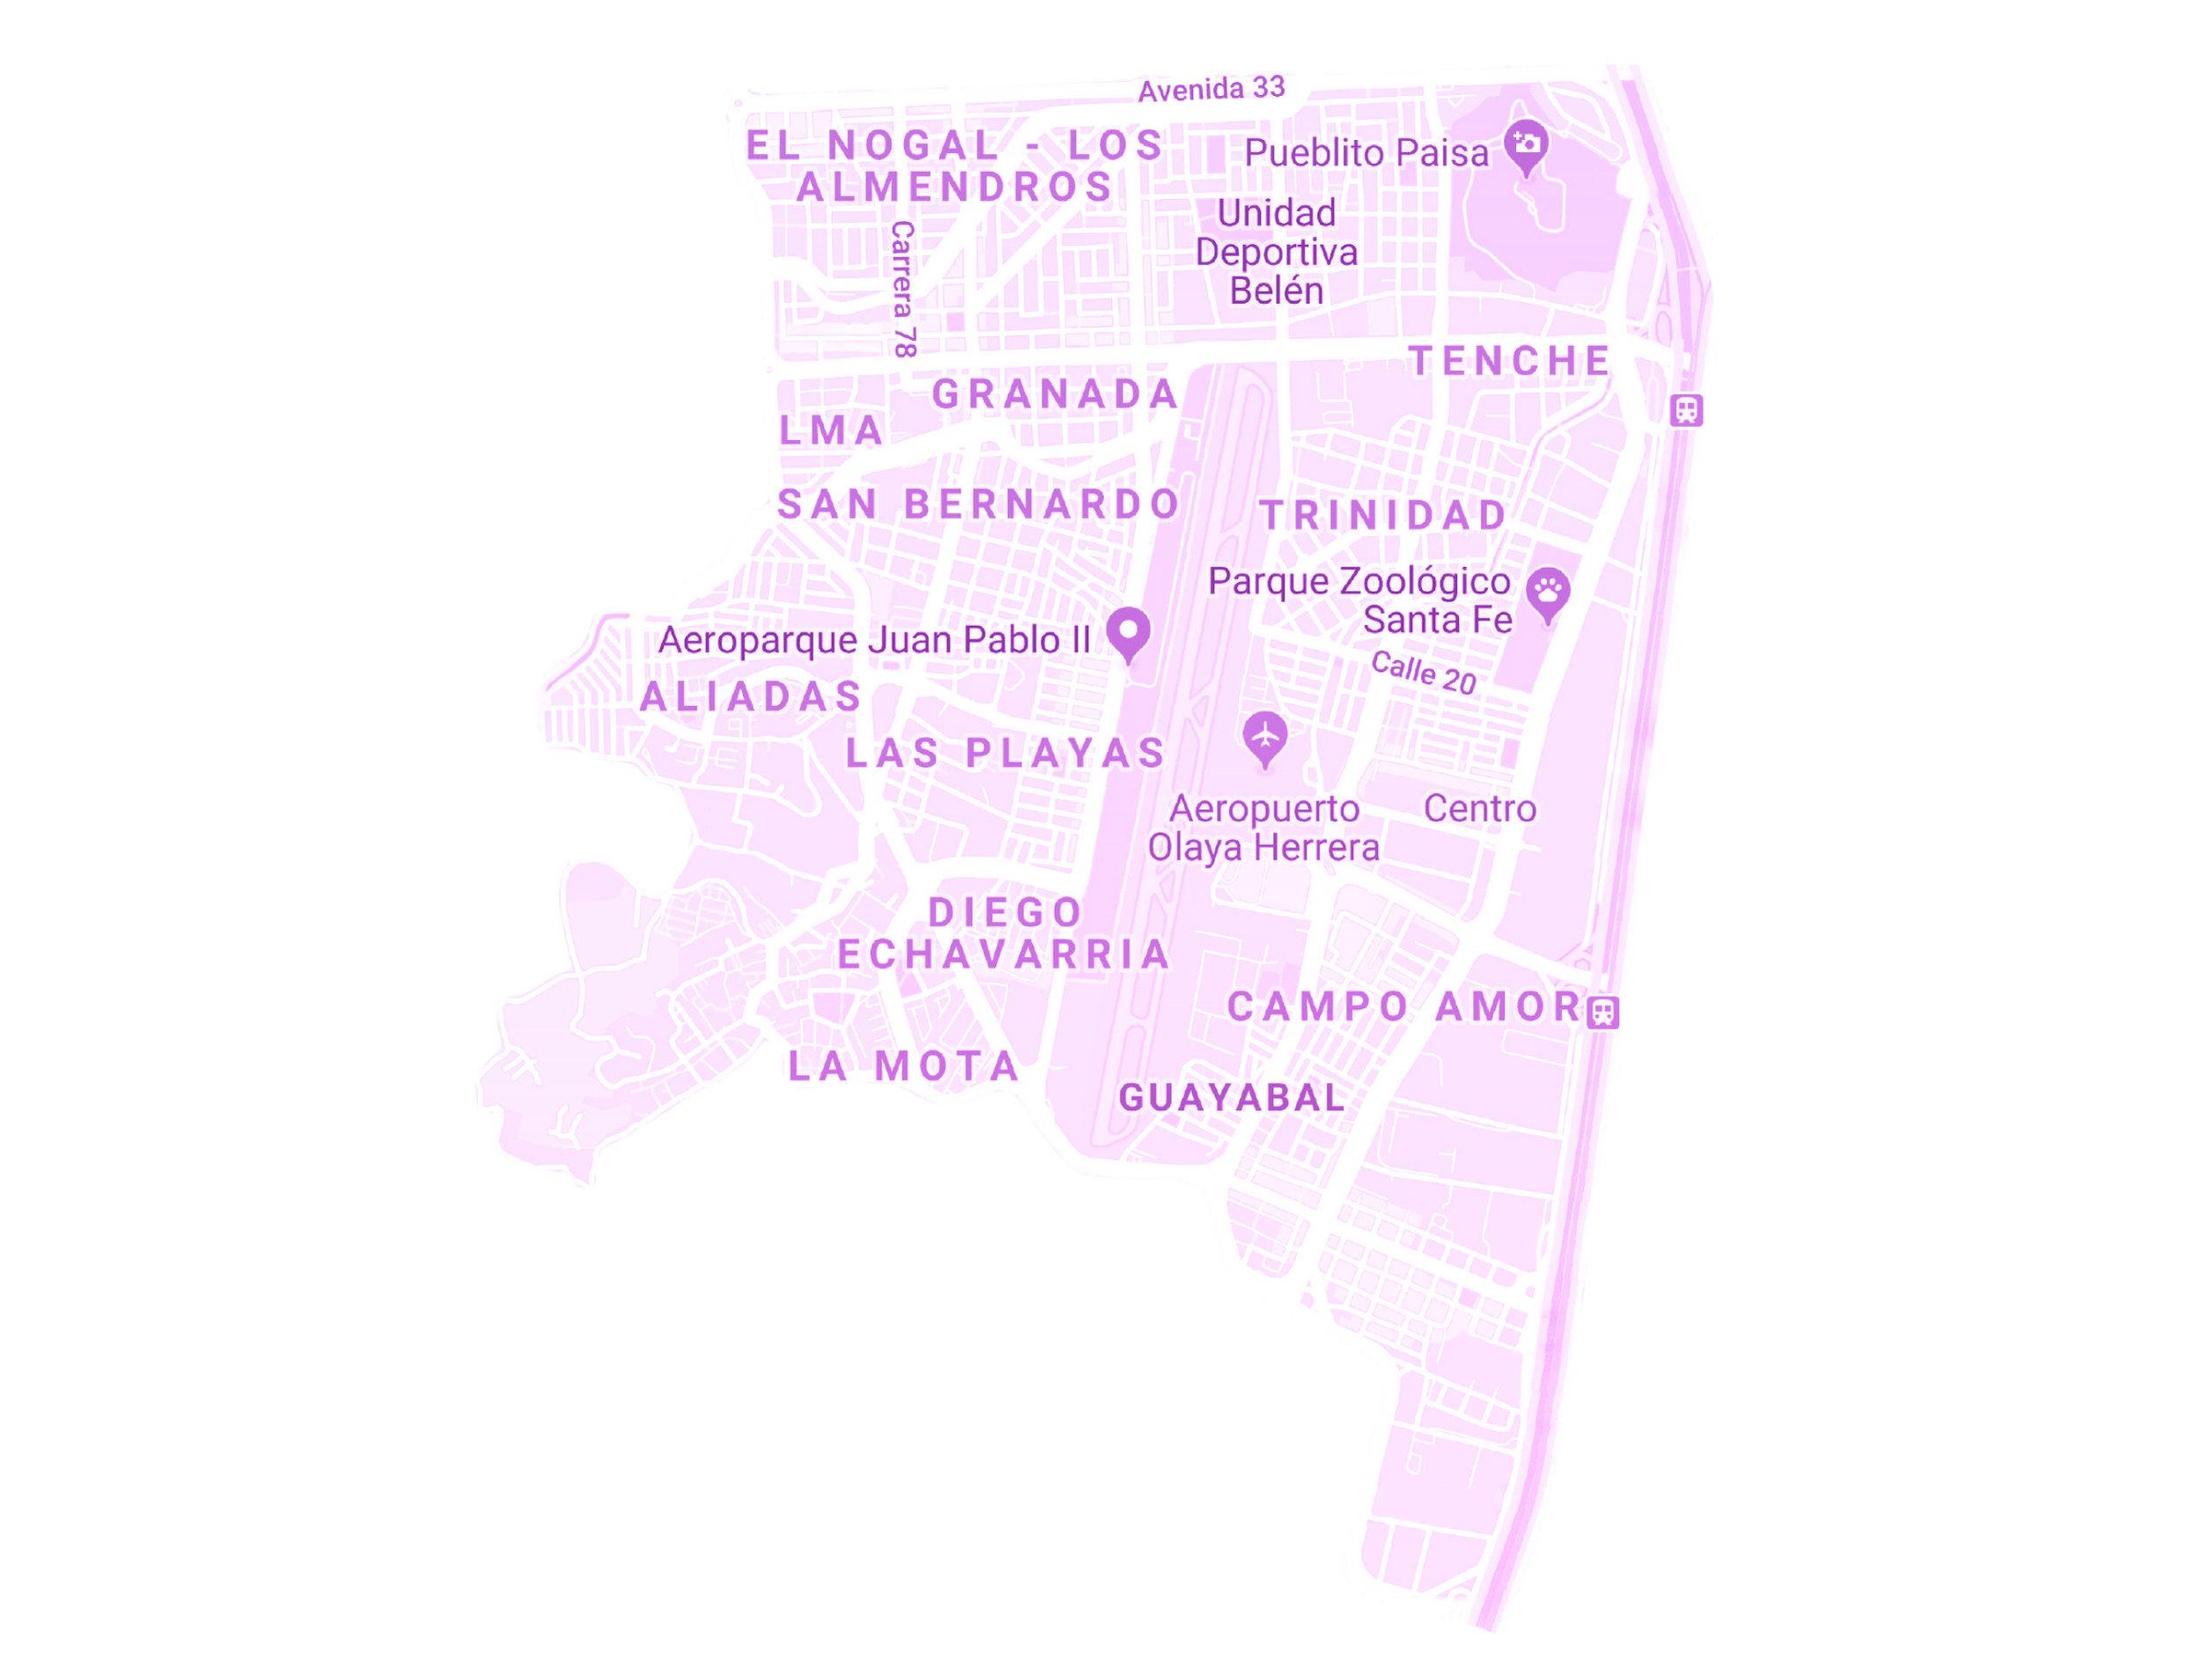 ZONA ÉXITO LAURELES - BELÉN    BARRIOS:  EL NOGAL LOS ALMENDROS, GRANADA, TENCHE, TRINIDAD, SAN BERNARDO, BELÉN ALIADAS, LAS PLAYAS, DIEGO ECHAVARRIA, CAMPO AMOR, GUAYABAL Y LA MOTA.